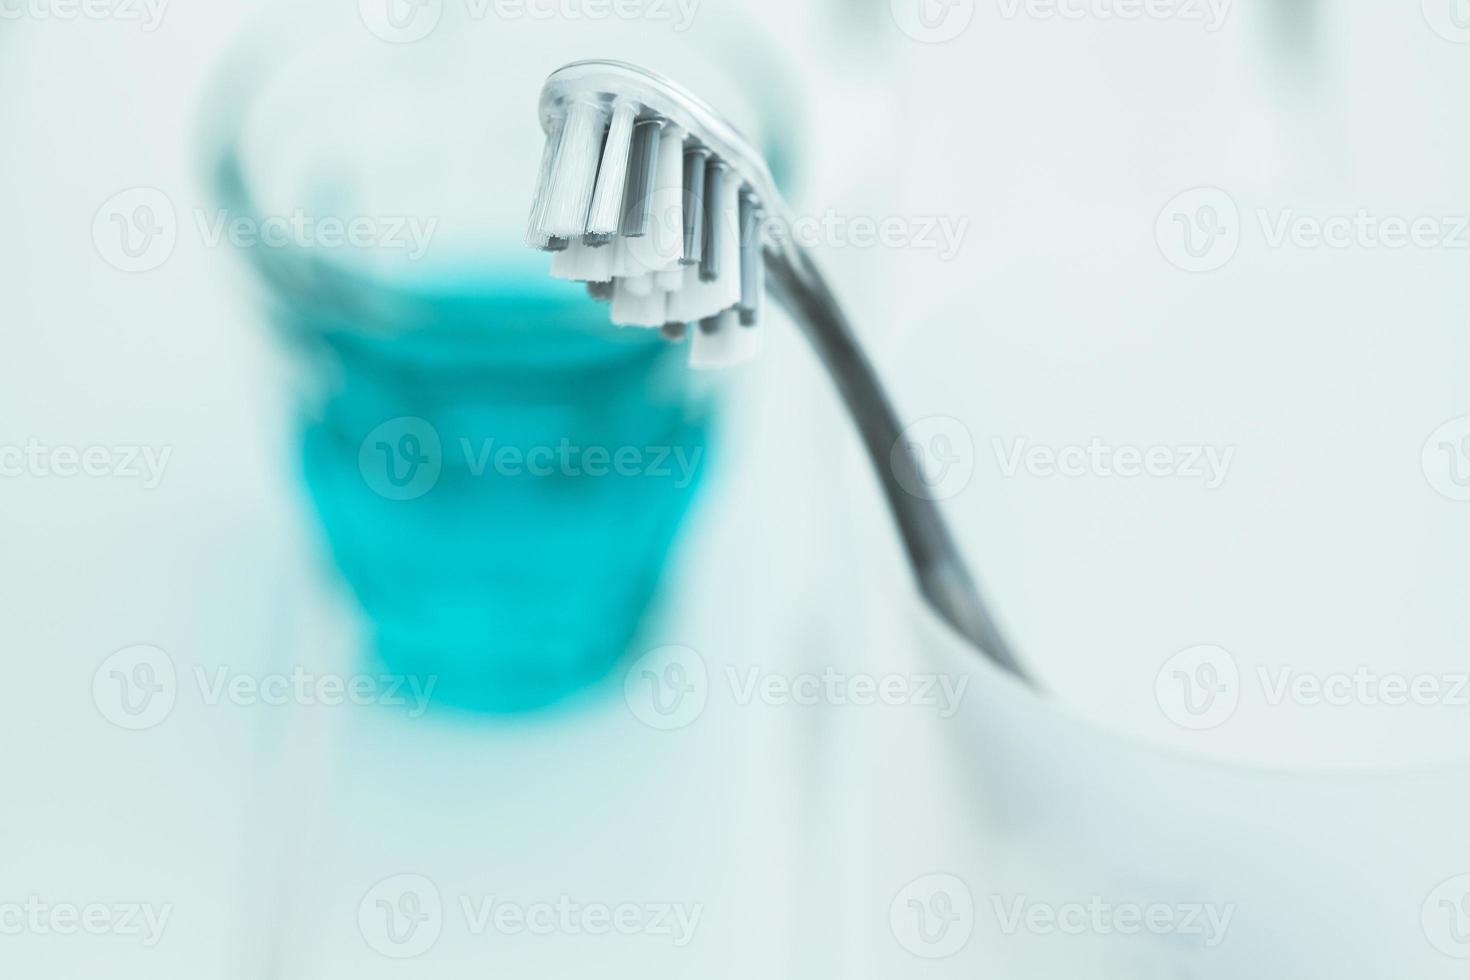 tandenborstel in glas en mondwater foto